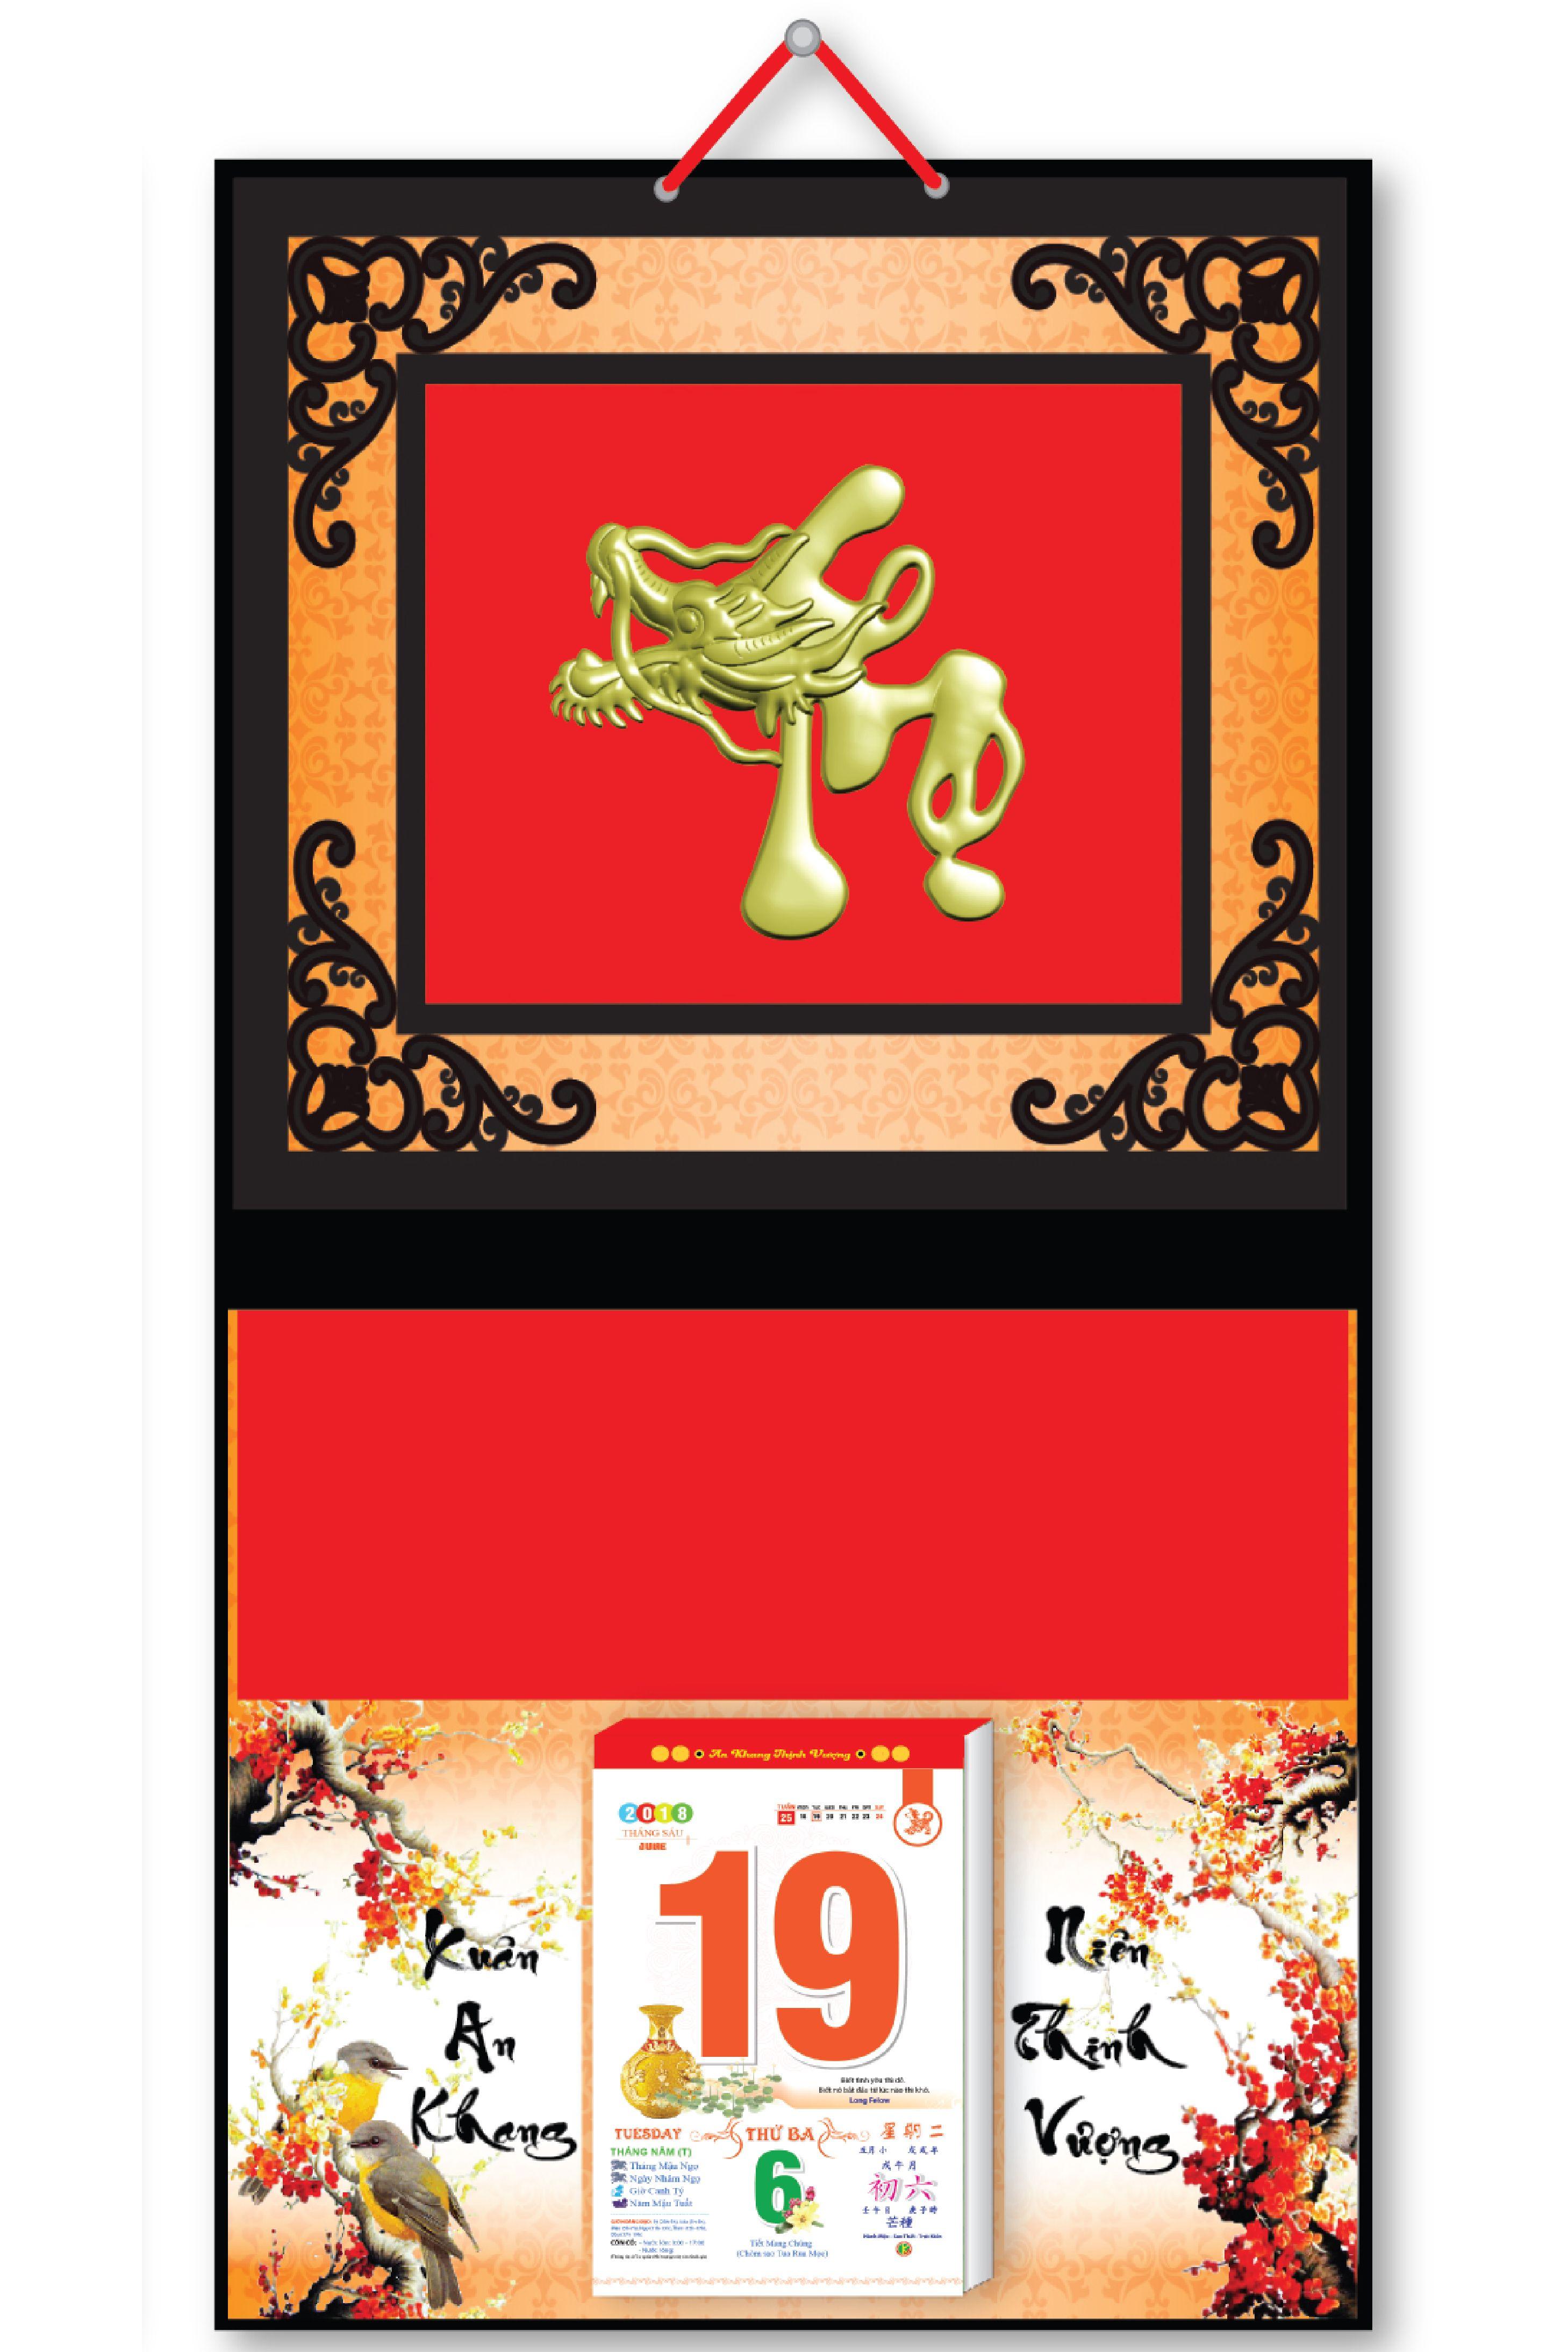 KV31 - Bìa Treo Lịch 2018 Metalize Ép Kim Cao Cấp 7 Màu (32,5 x 65cm) - Dán Nổi Chữ Thọ Đầu Rồng